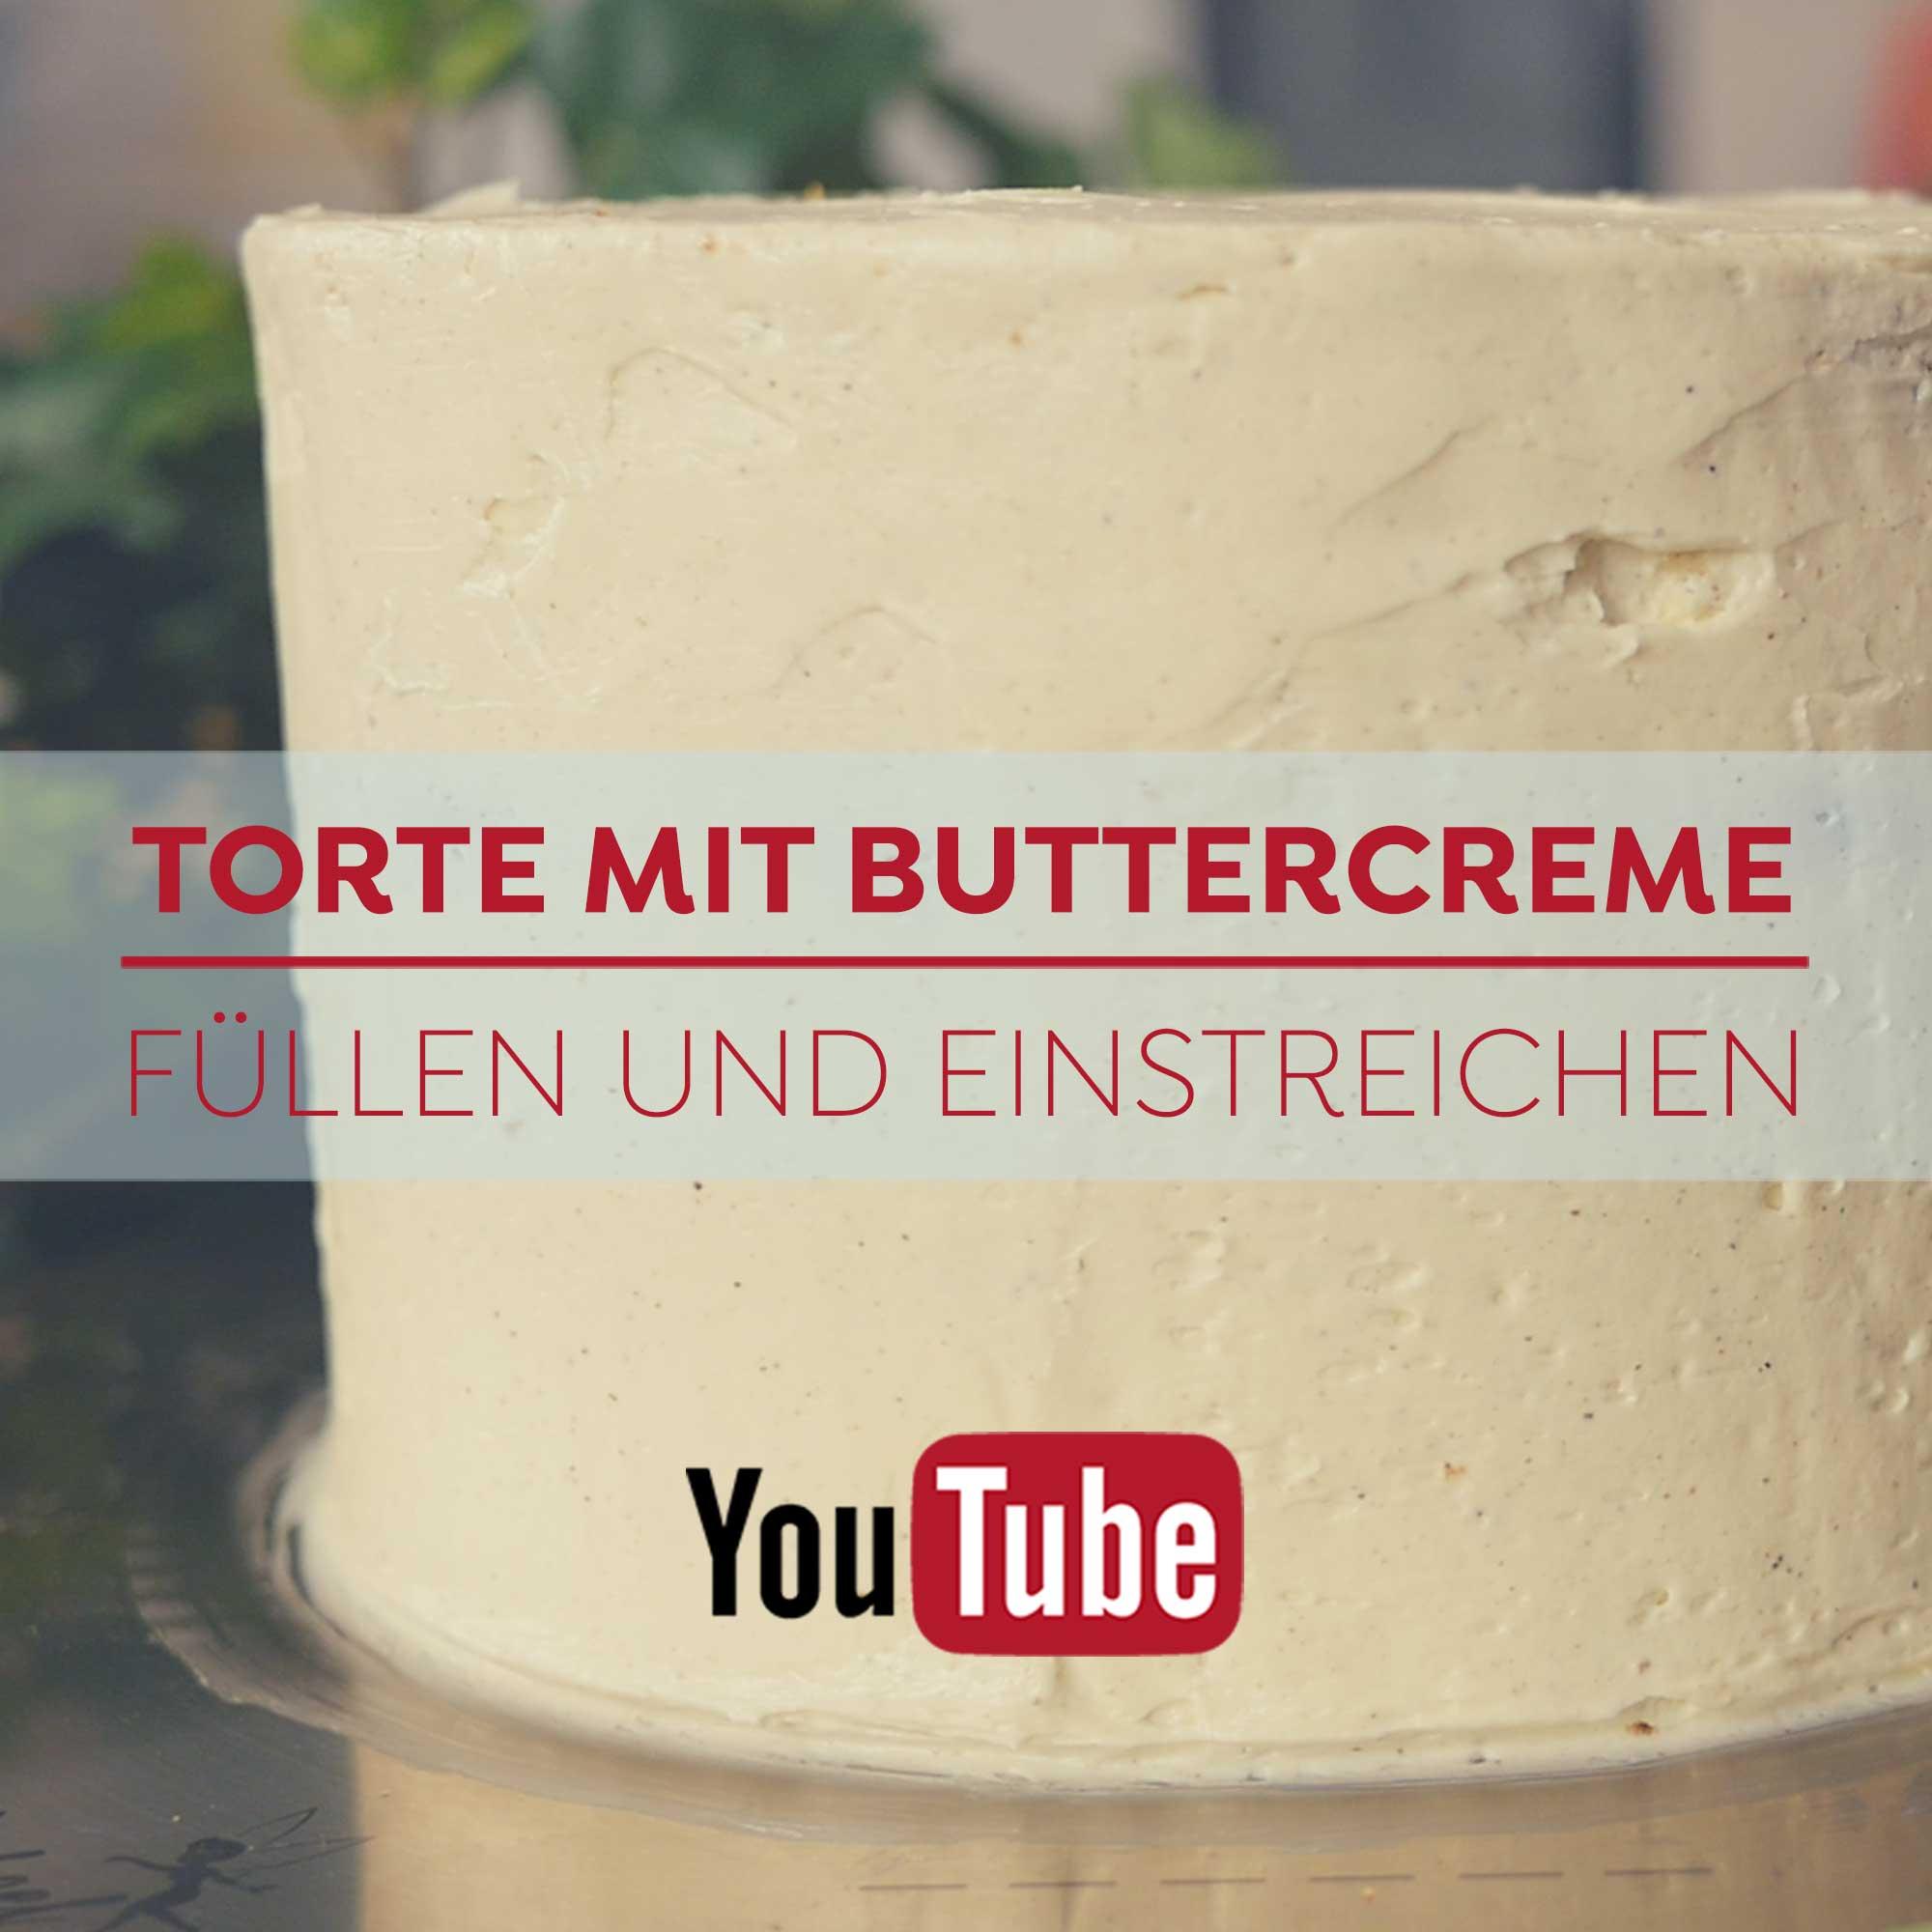 Torte mit Buttercreme füllen und einstreichen